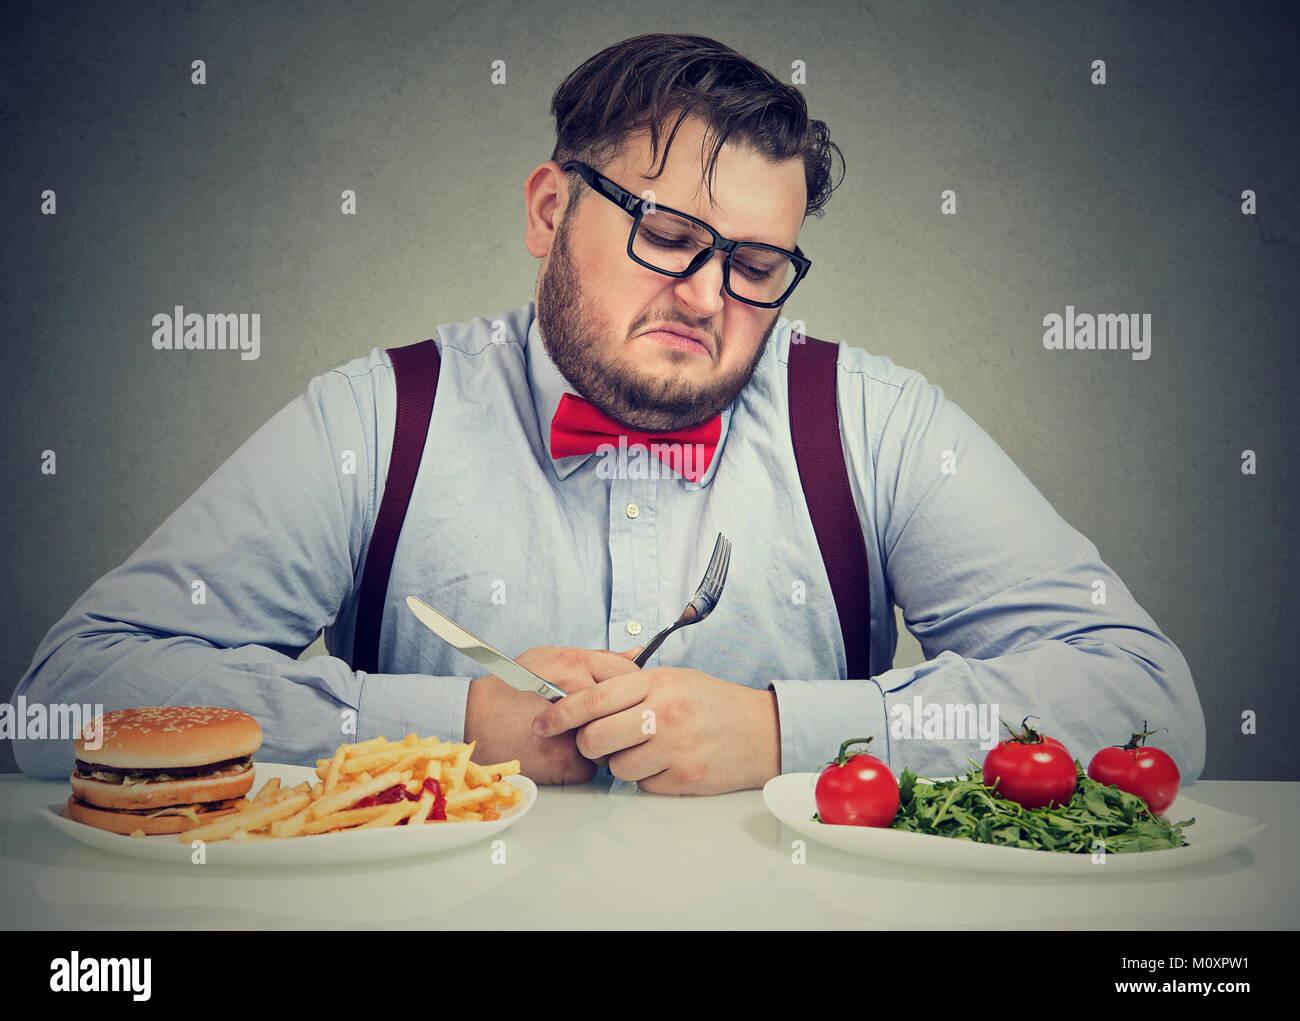 Hombre con sobrepeso en traje formal mirando ensalada†con odio mientras craving zumo hamburguesa. Imagen De Stock